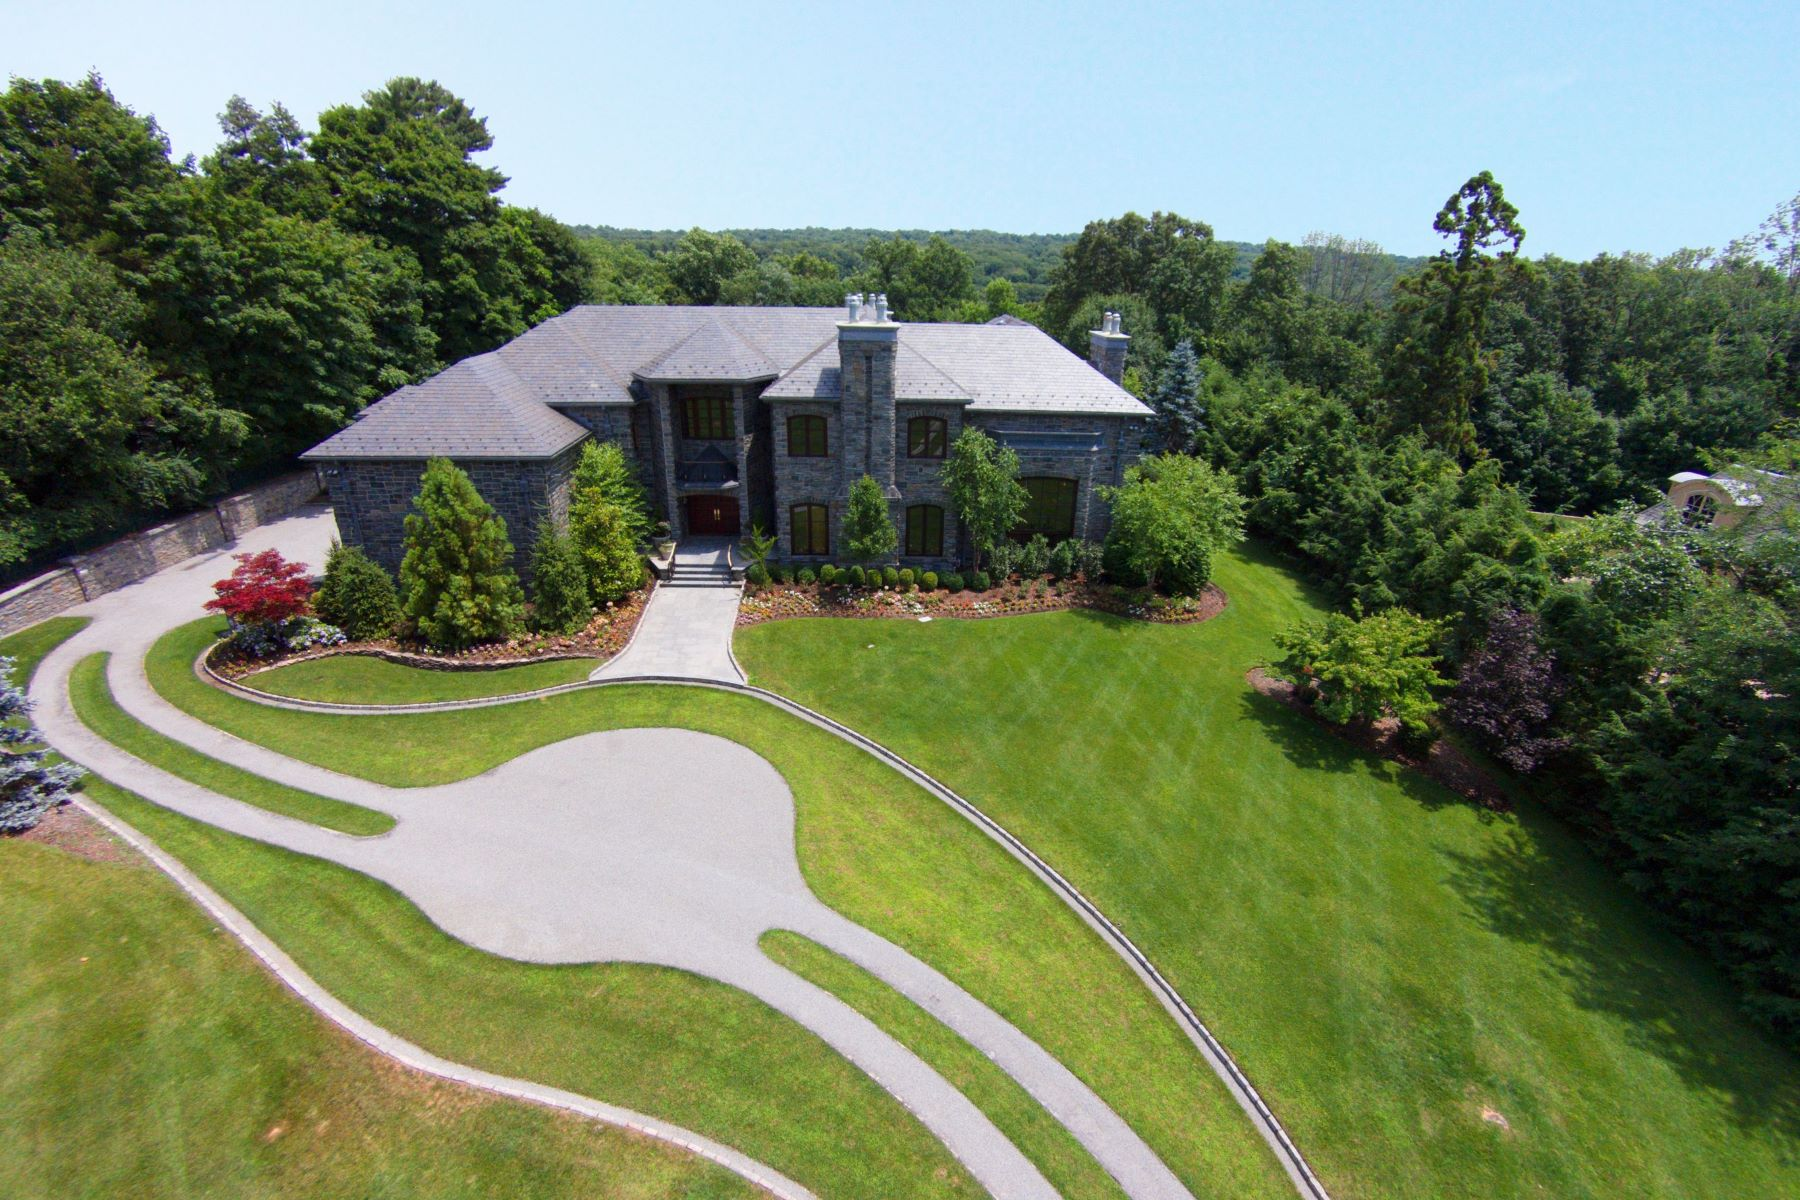 Maison unifamiliale pour l Vente à New Mahogany Mansion 64 Stony Ridge Road Saddle River, New Jersey 07458 États-Unis